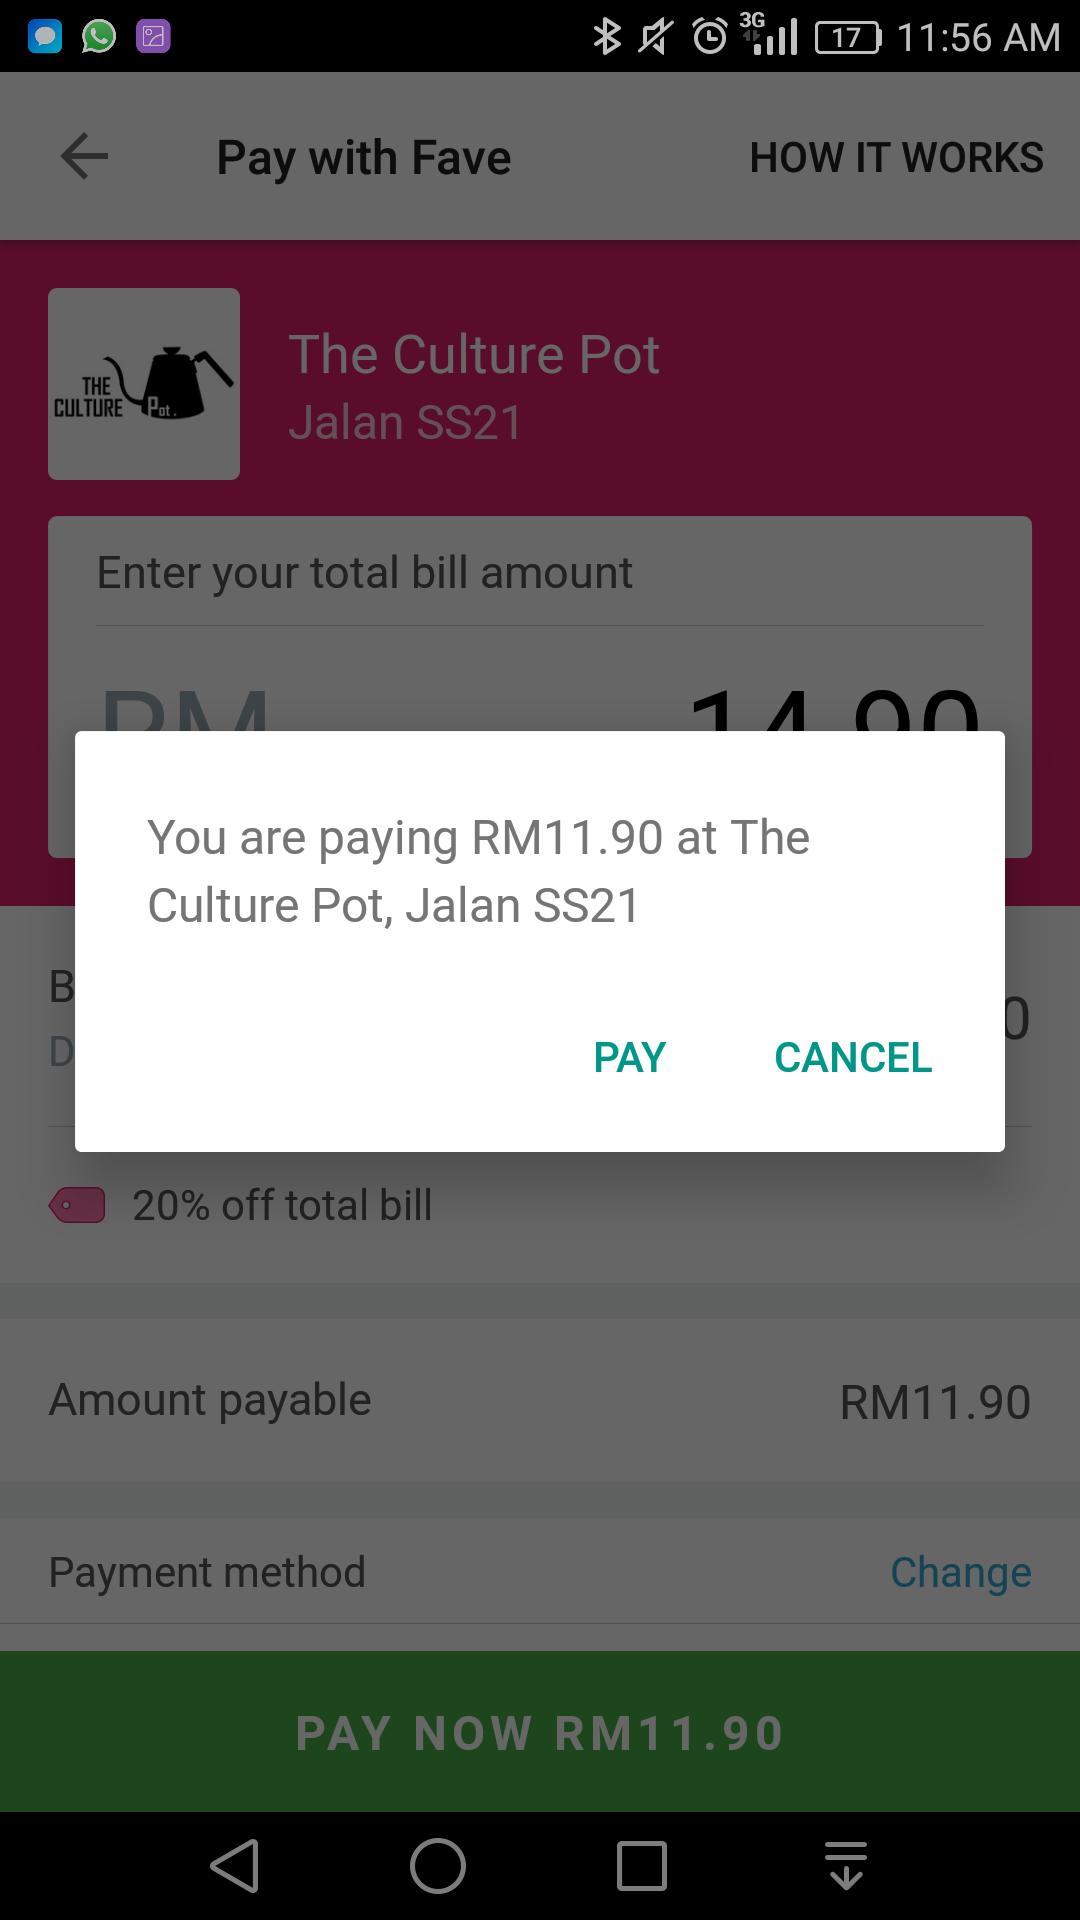 Pilih 'PAY' untuk bayar dan ikut saja arahan seterusnya.